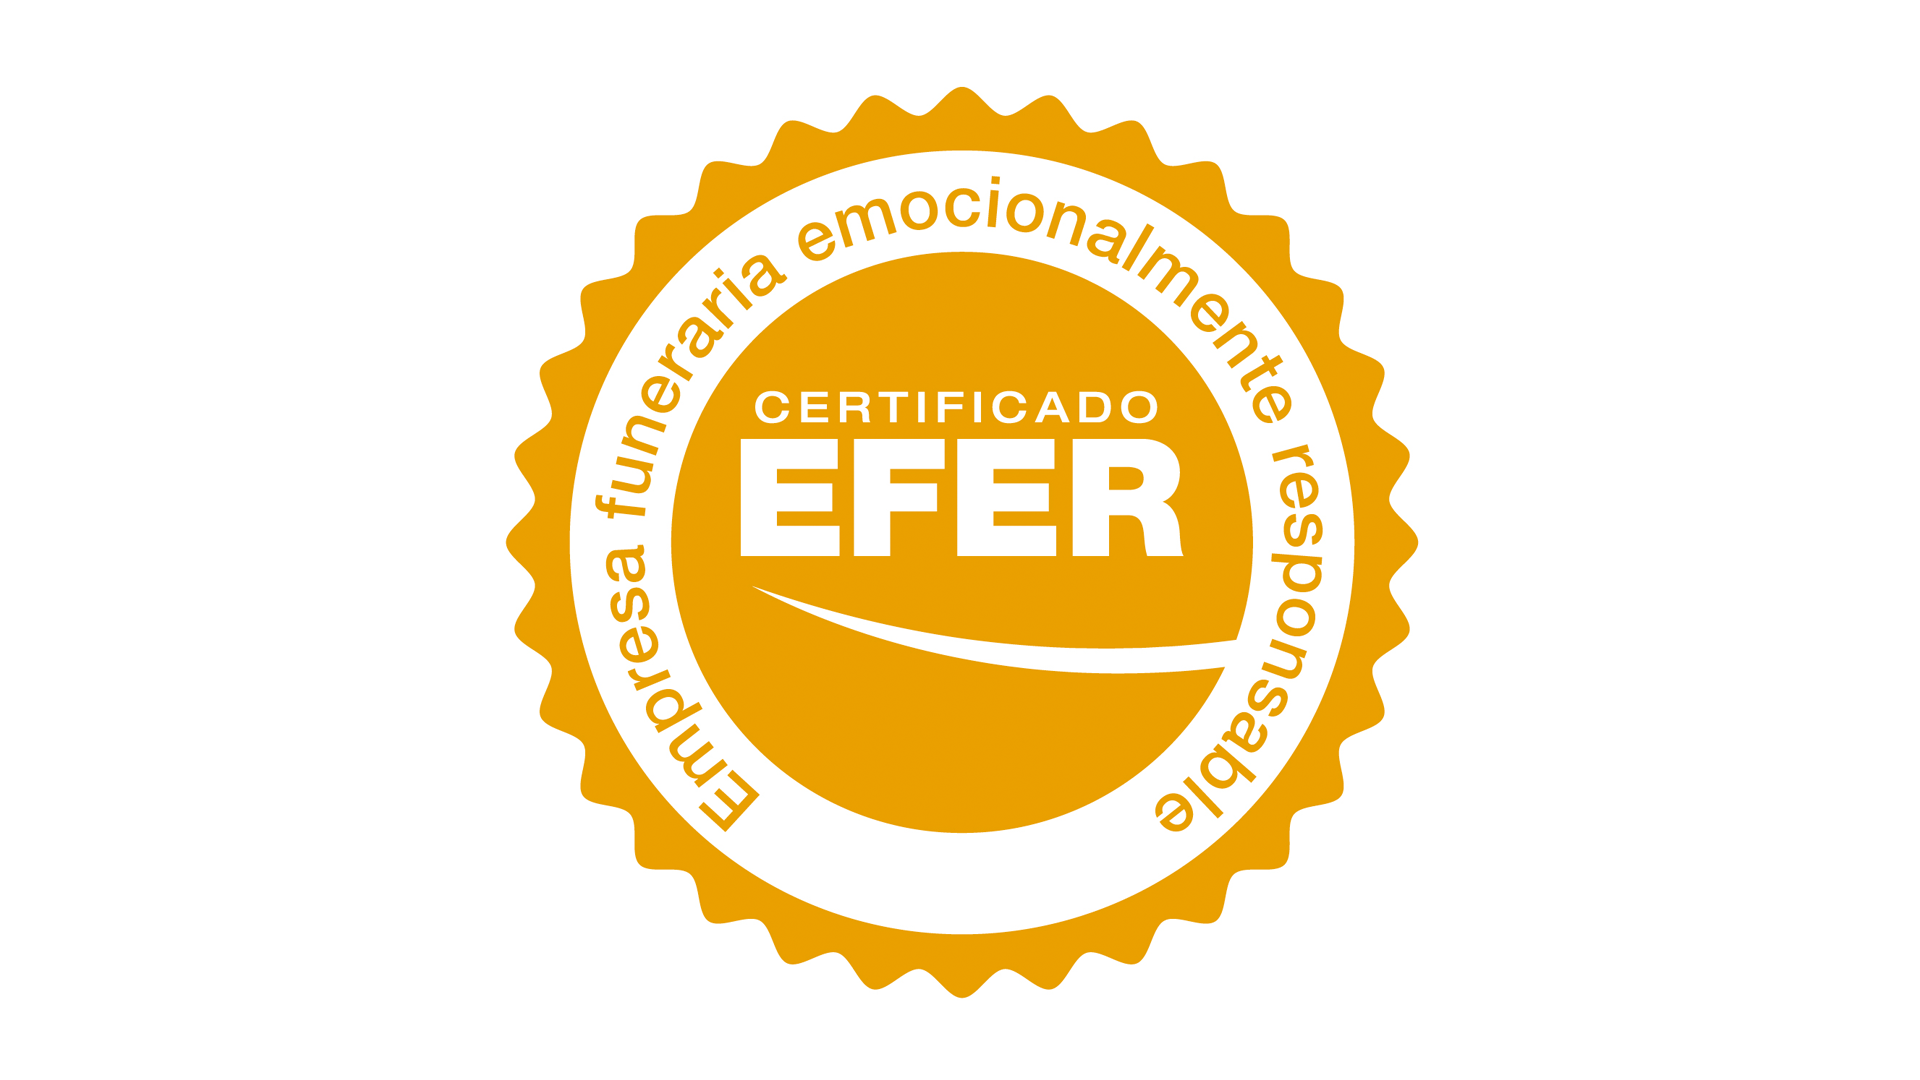 GRUPO ASV Servicios Funerarios certificada como compañía emocionalmente responsable